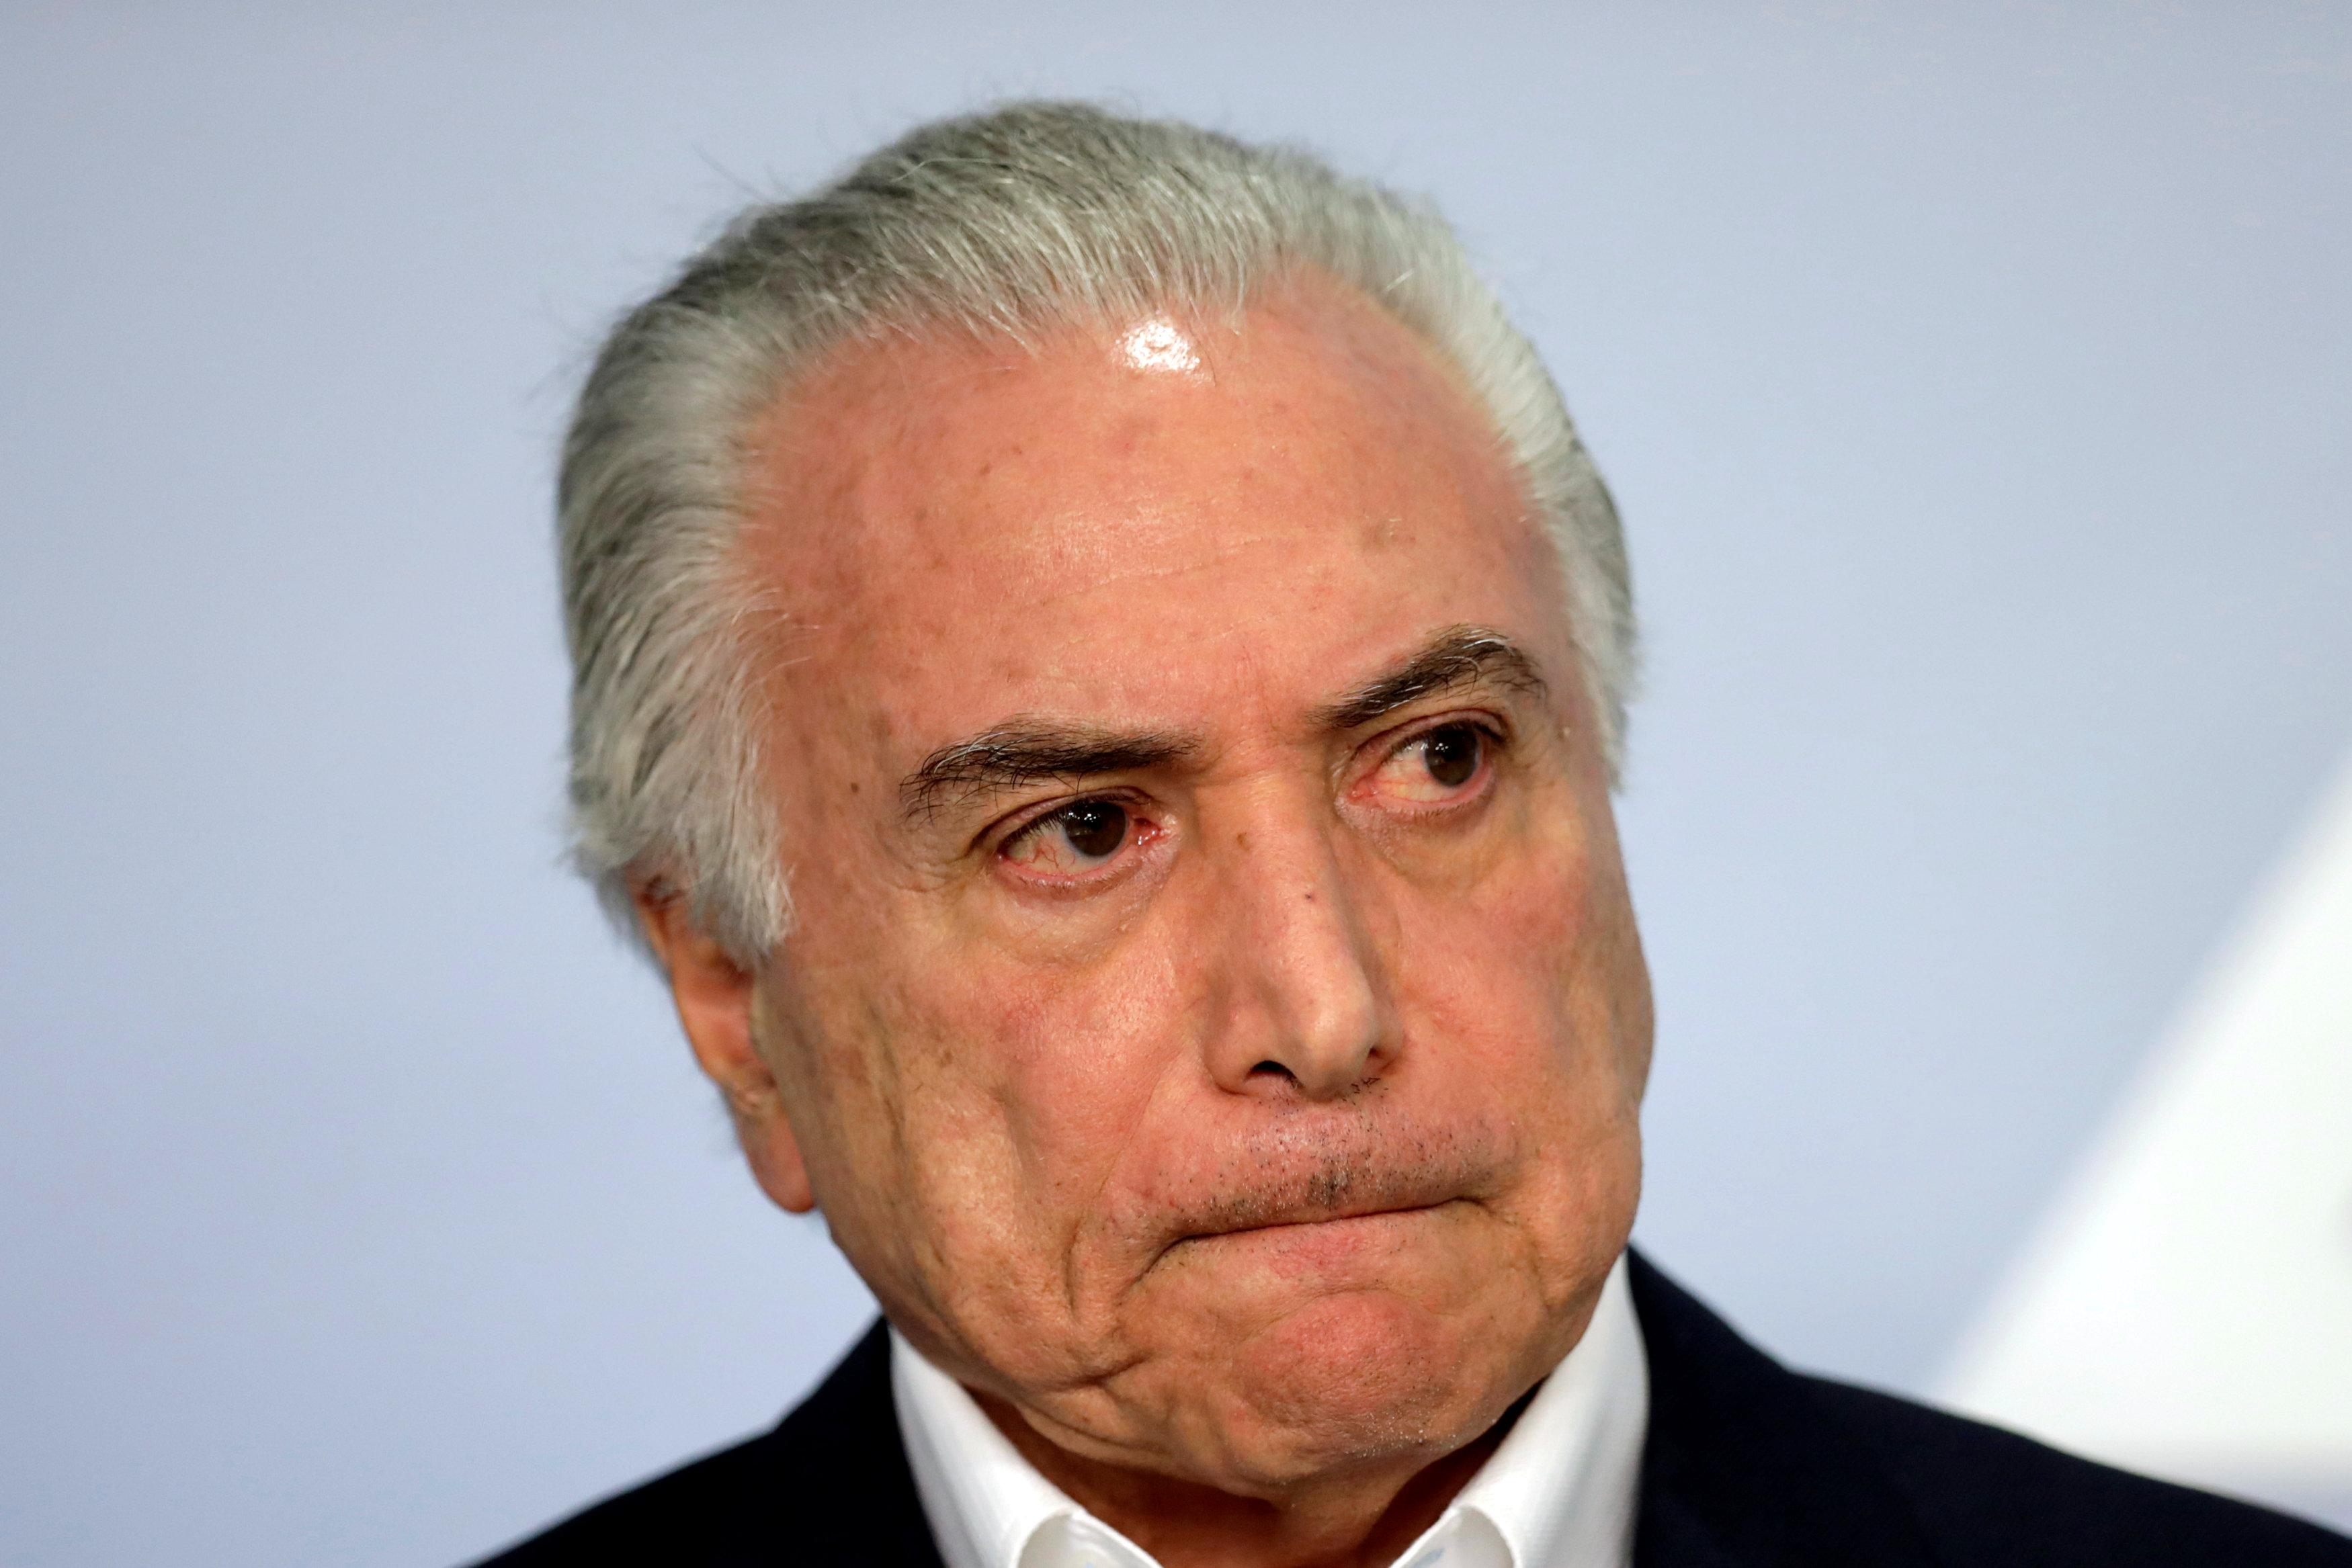 El presidente de Brasil Michel Temer tiene récords históricos de imagen negativa